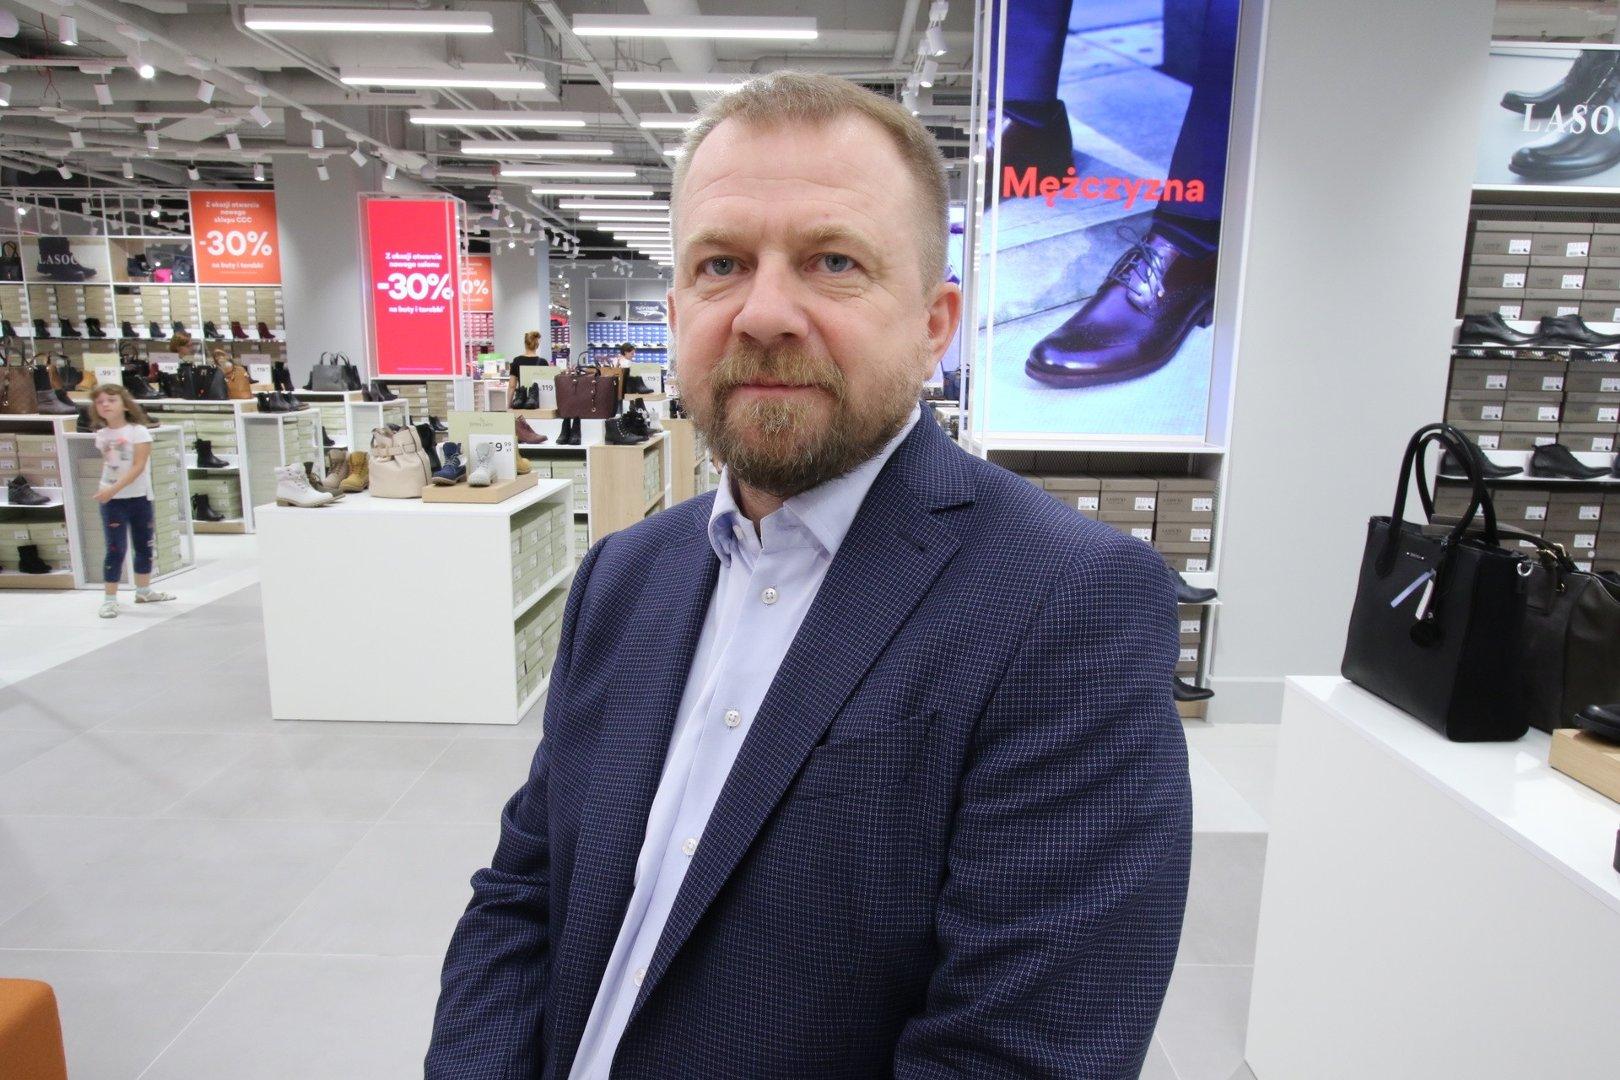 815304c208 Nowe CCC zajmuje powierzchnię 1500 metrów kwadratowych. - To największy  salon marki w Polsce.